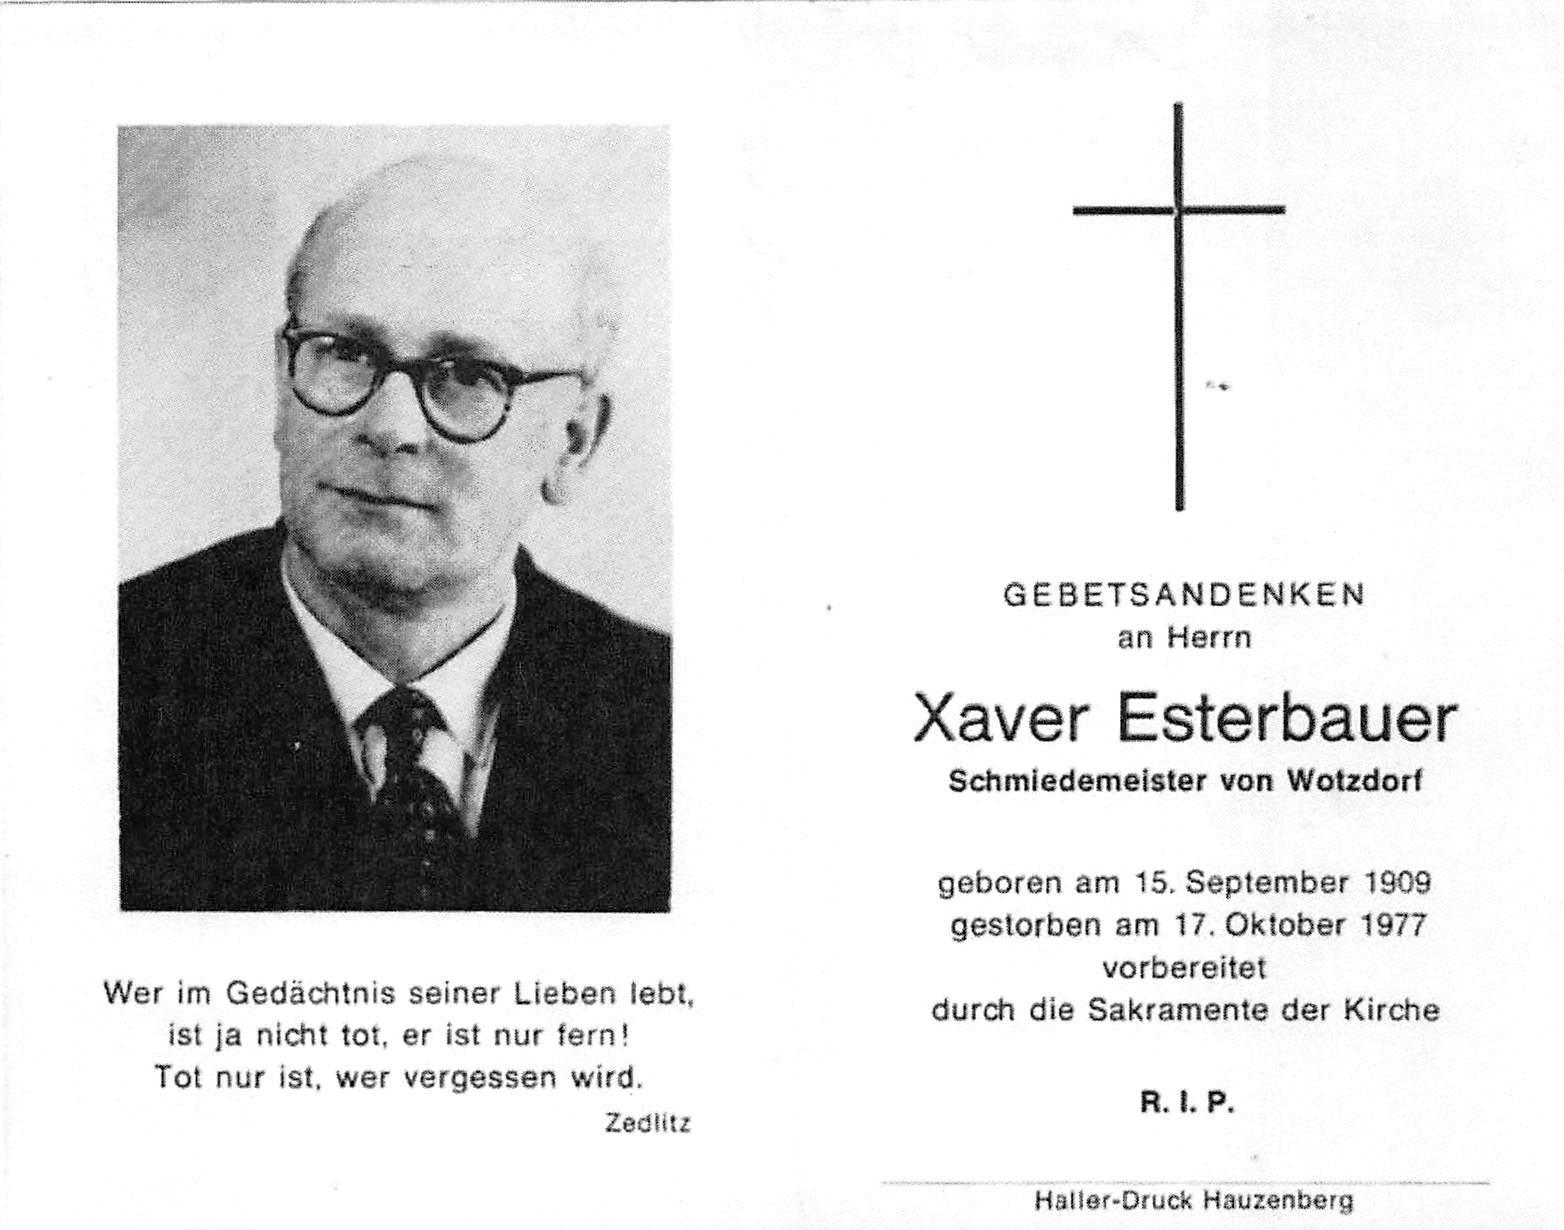 1977-10-17-Esterbauer-Xaver-Wotzdorf-Schmiedemeister